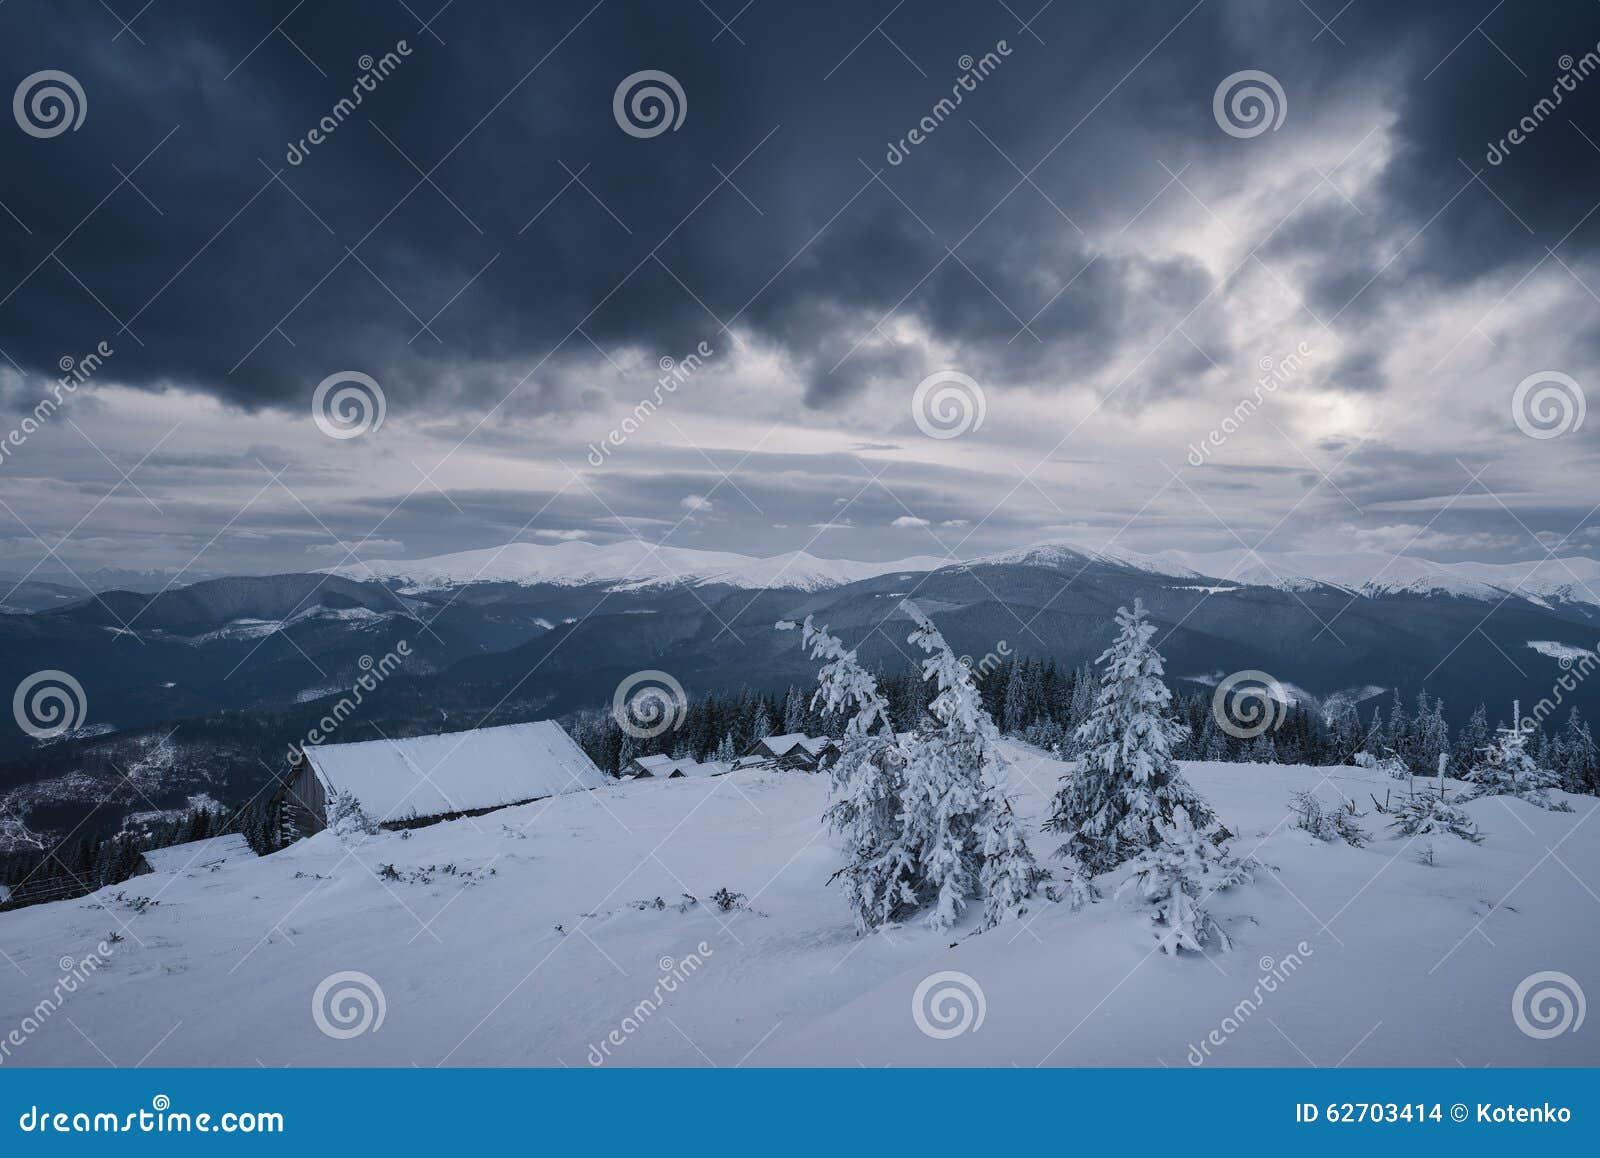 Slecht Weer In De Bergen In De Winter Stock Foto Afbeelding